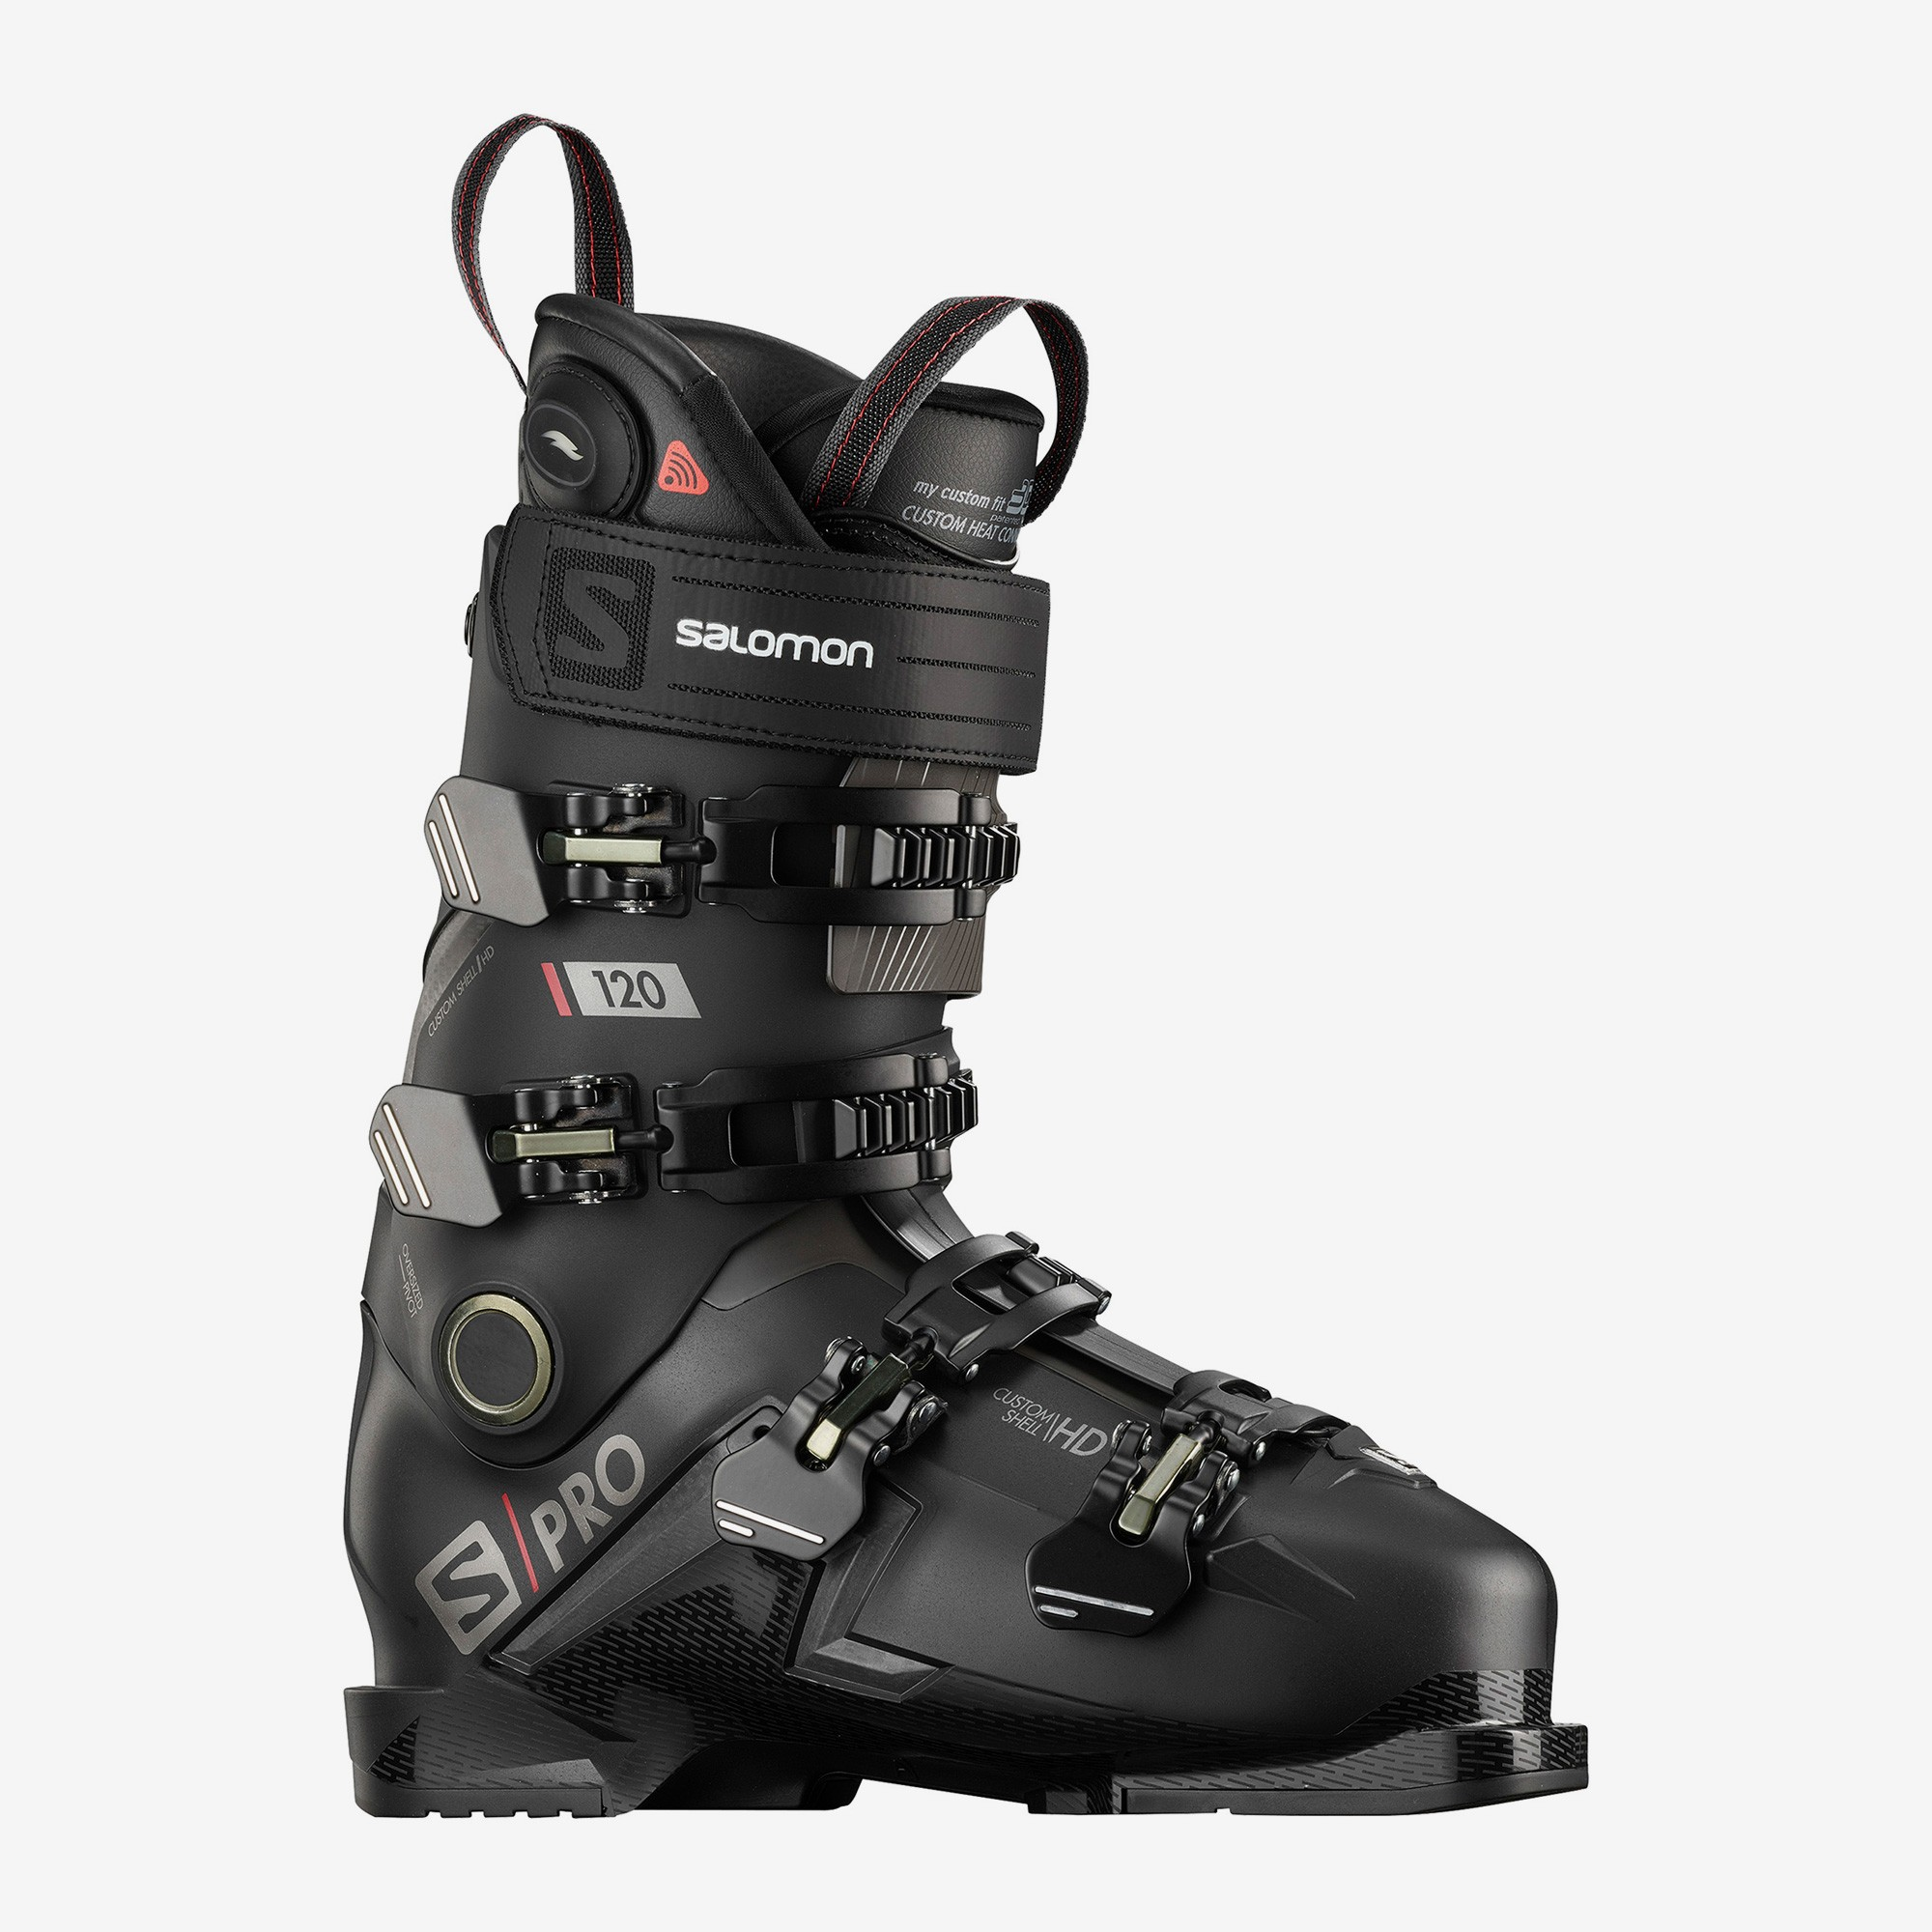 Buty narciarskie SALOMON SPRO 120 CHC 2020